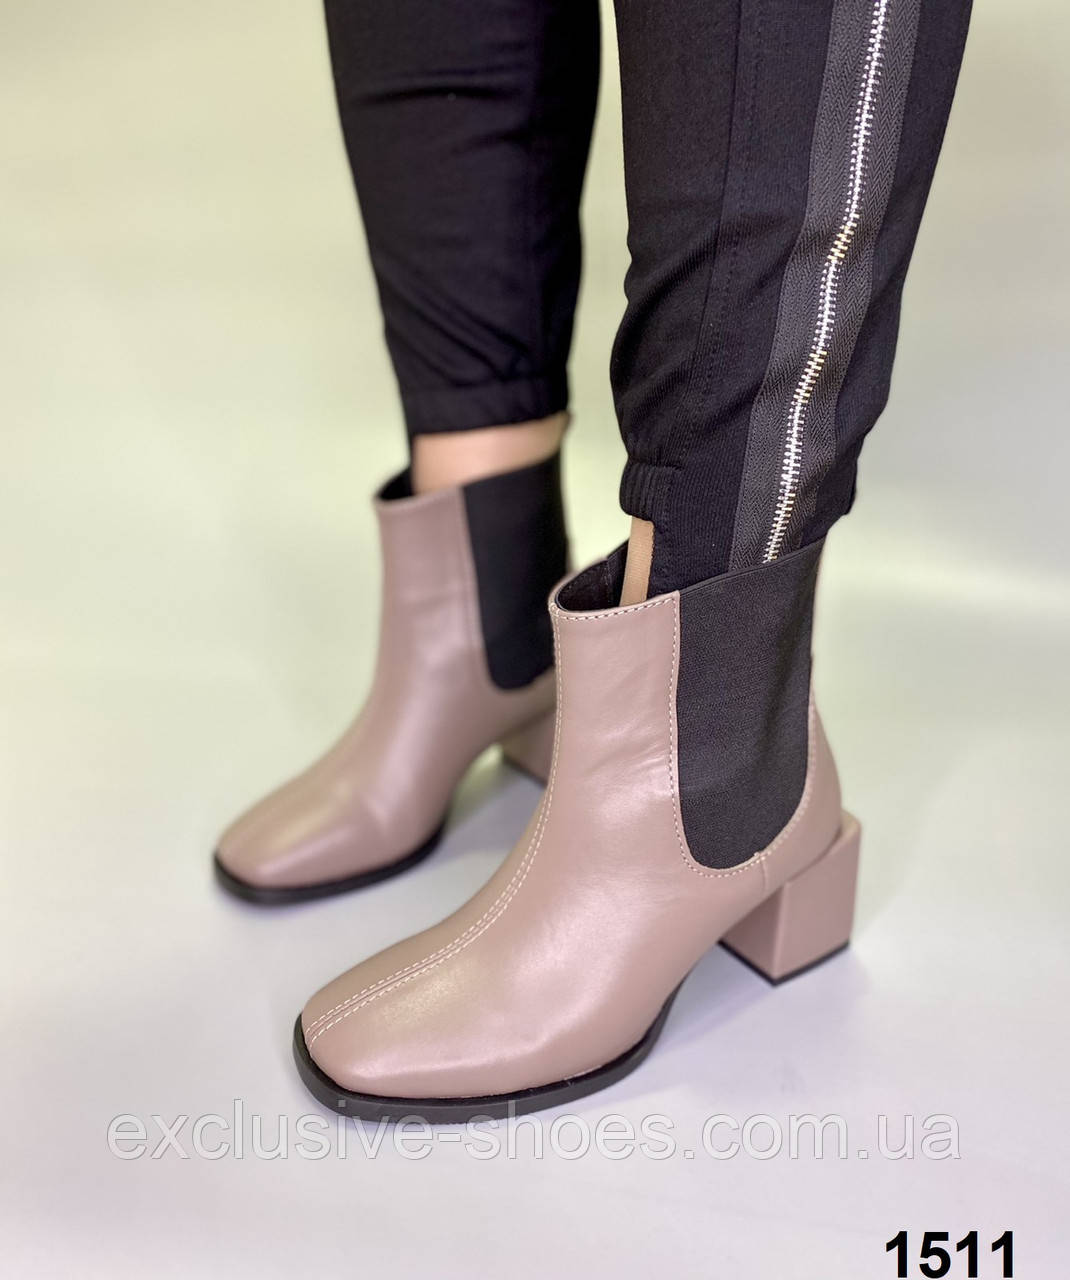 Ботильоны женские кожаные капучино на каблуке